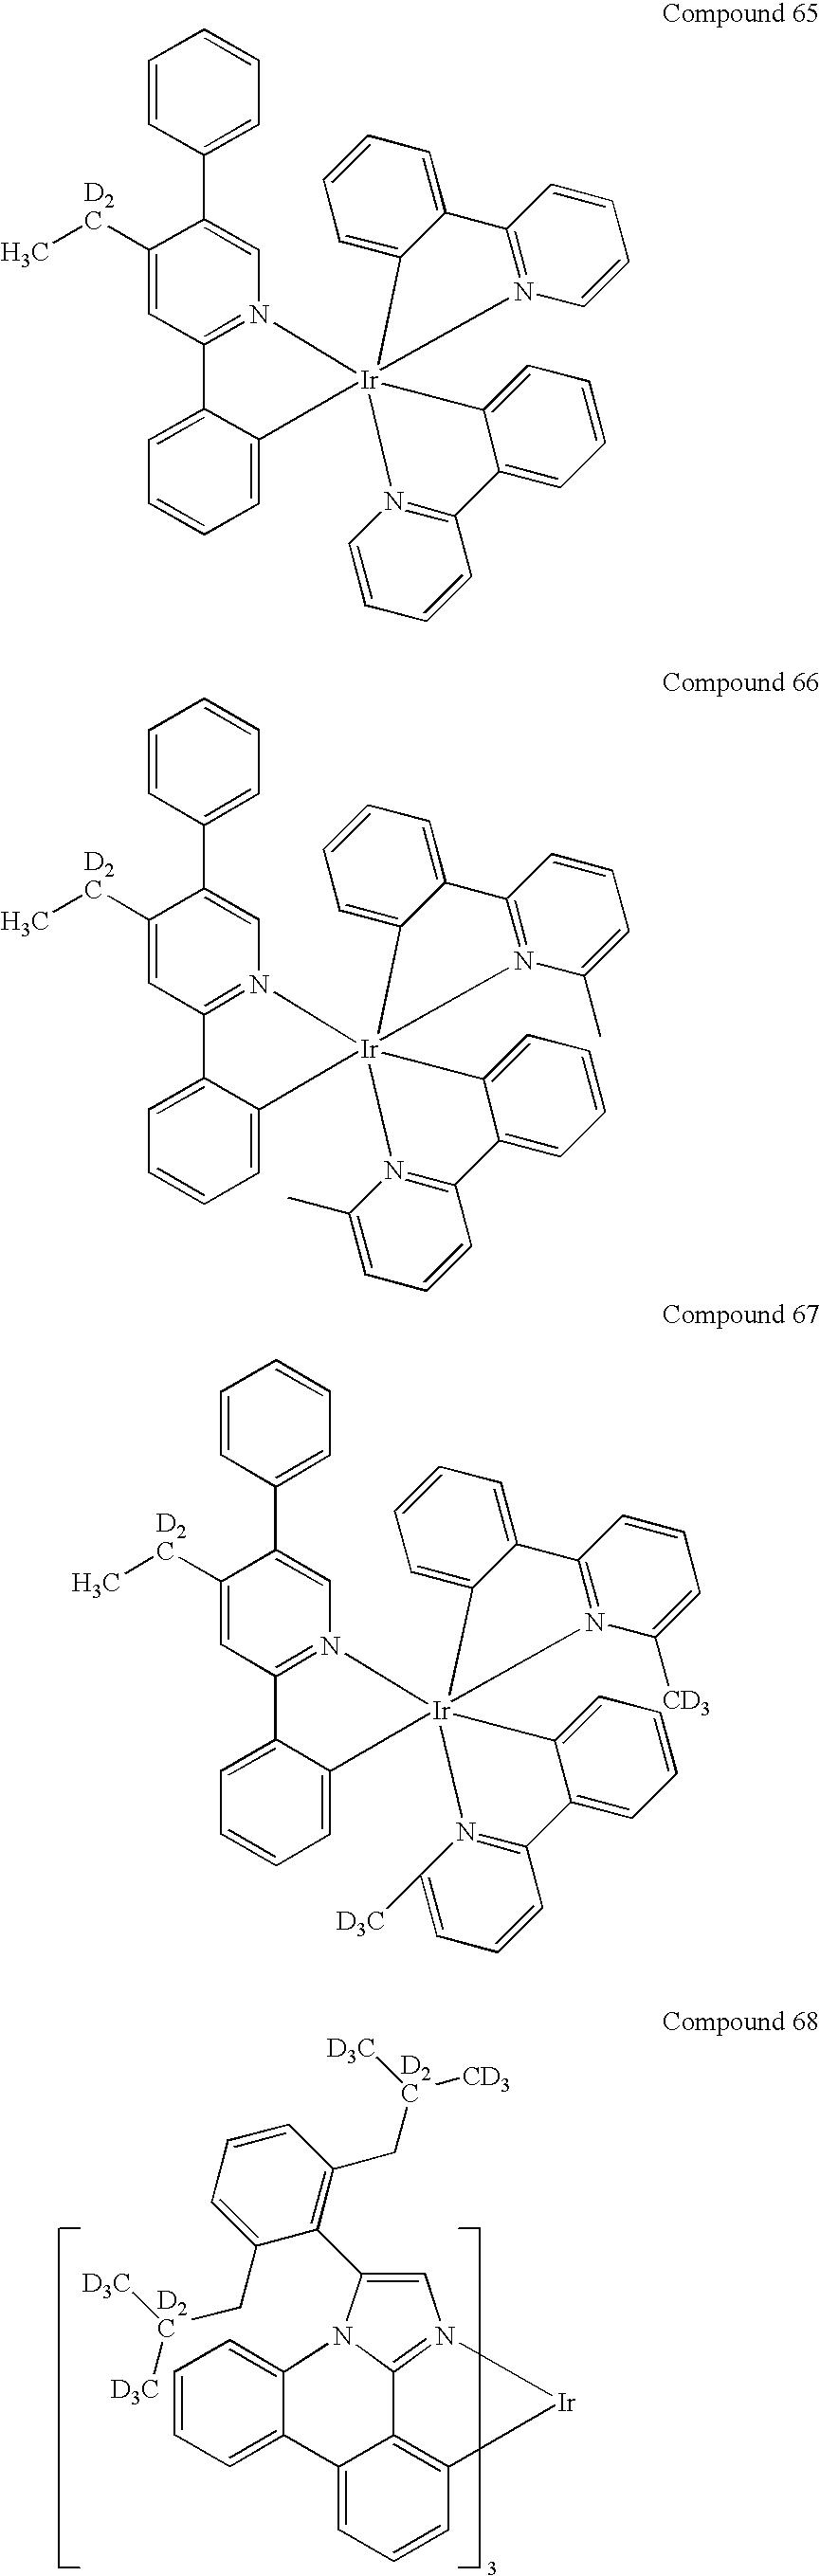 Figure US20100270916A1-20101028-C00227